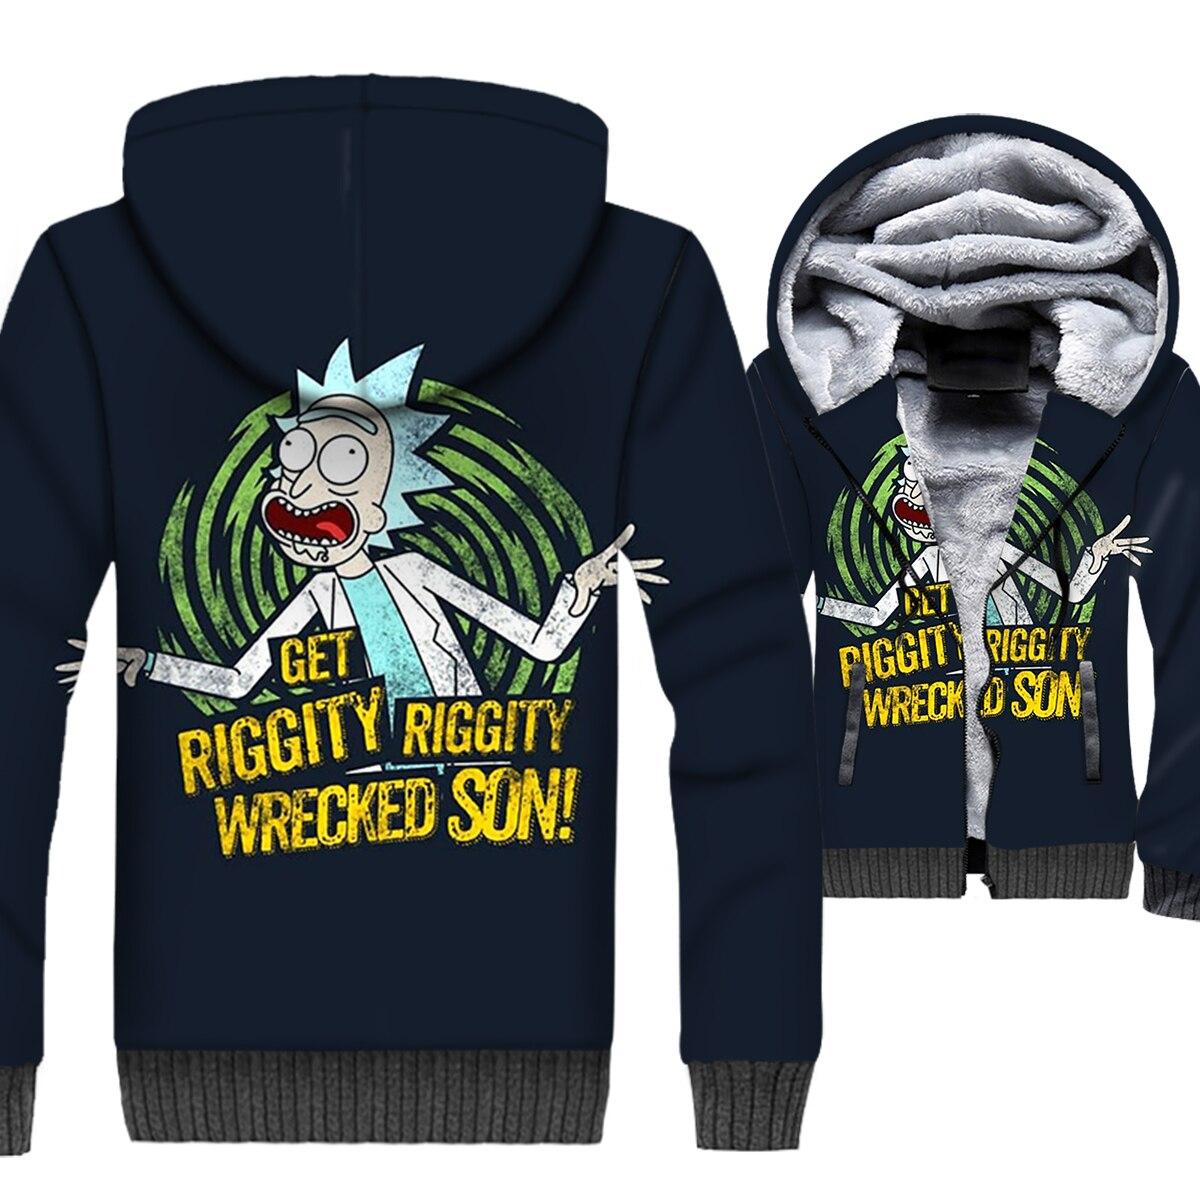 Rick and Morty 3D Print Hoodie Men Get Riggity Wrecked Son Hooded Sweatshirt Winter Thick Fleece Warm Zip up Coat Funny Jacket